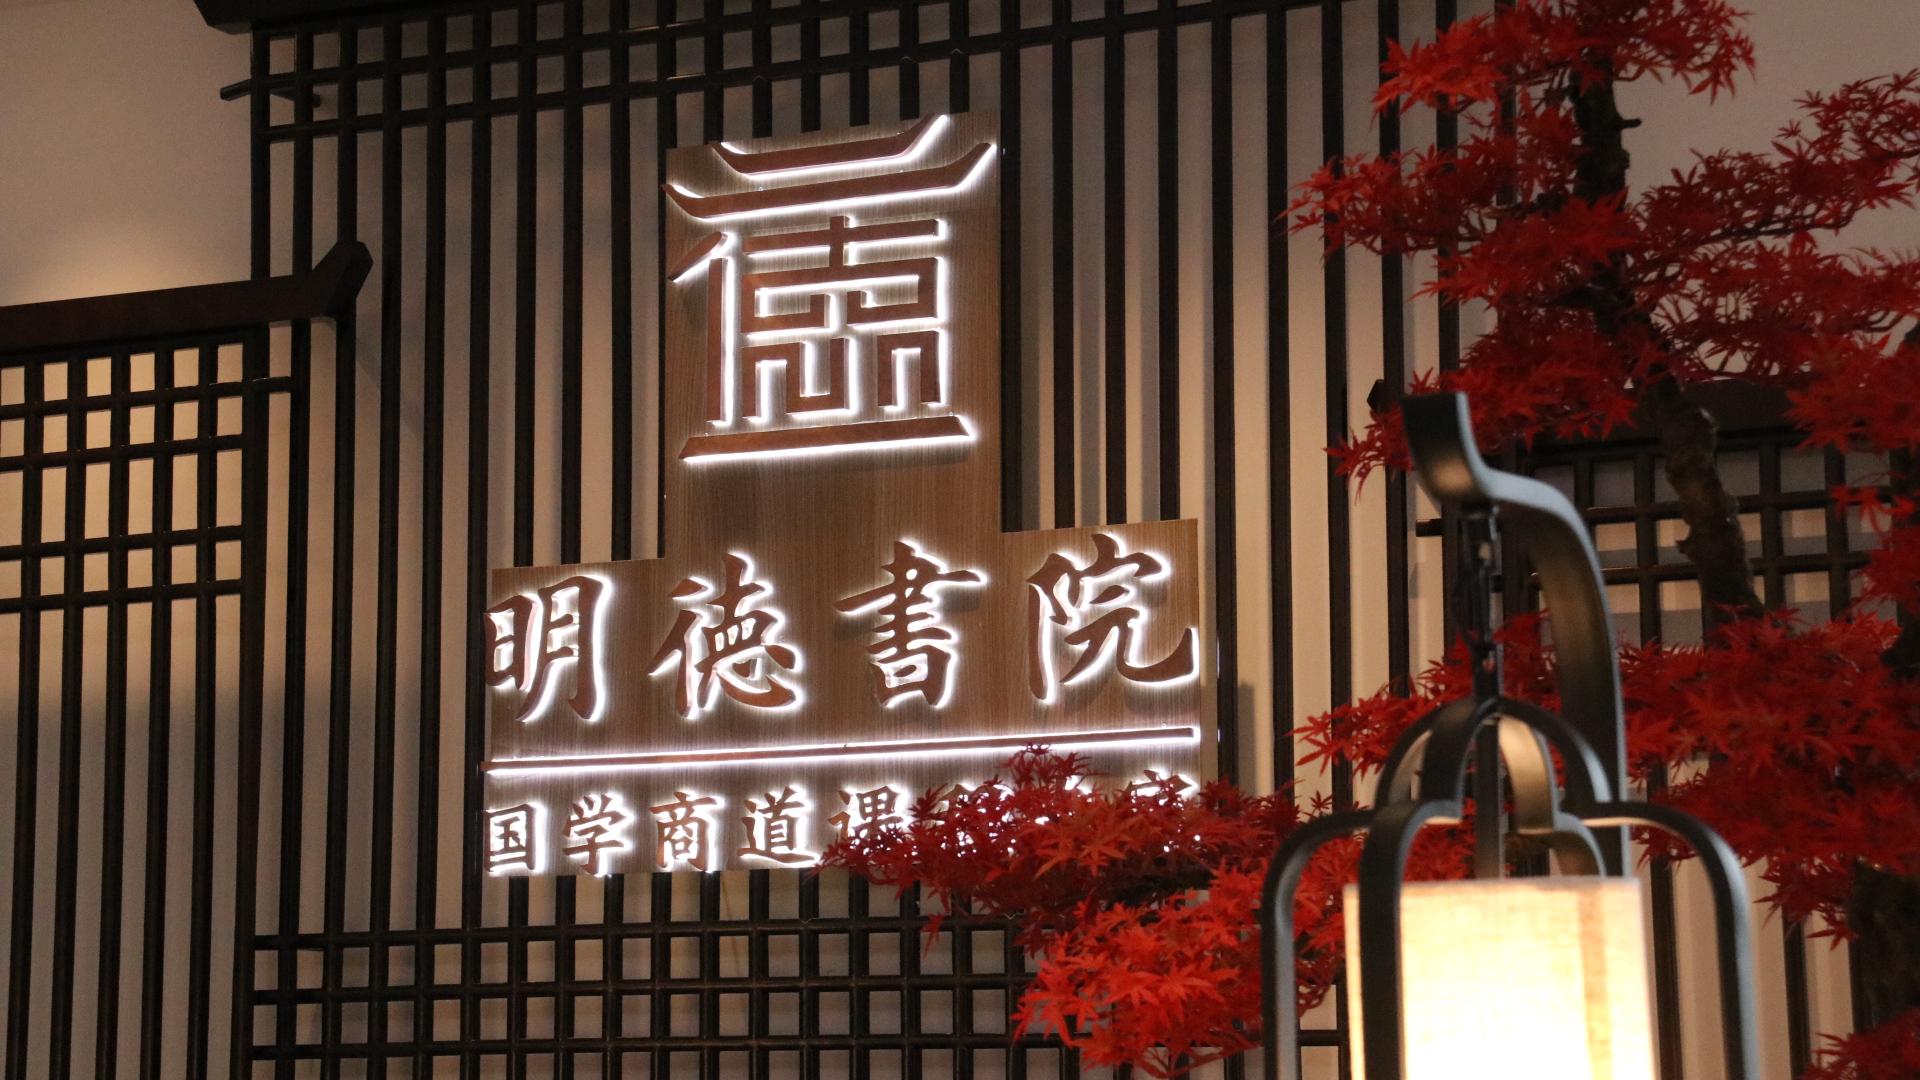 管好中国企业还需中国式管理,明德书院引领新国学商道